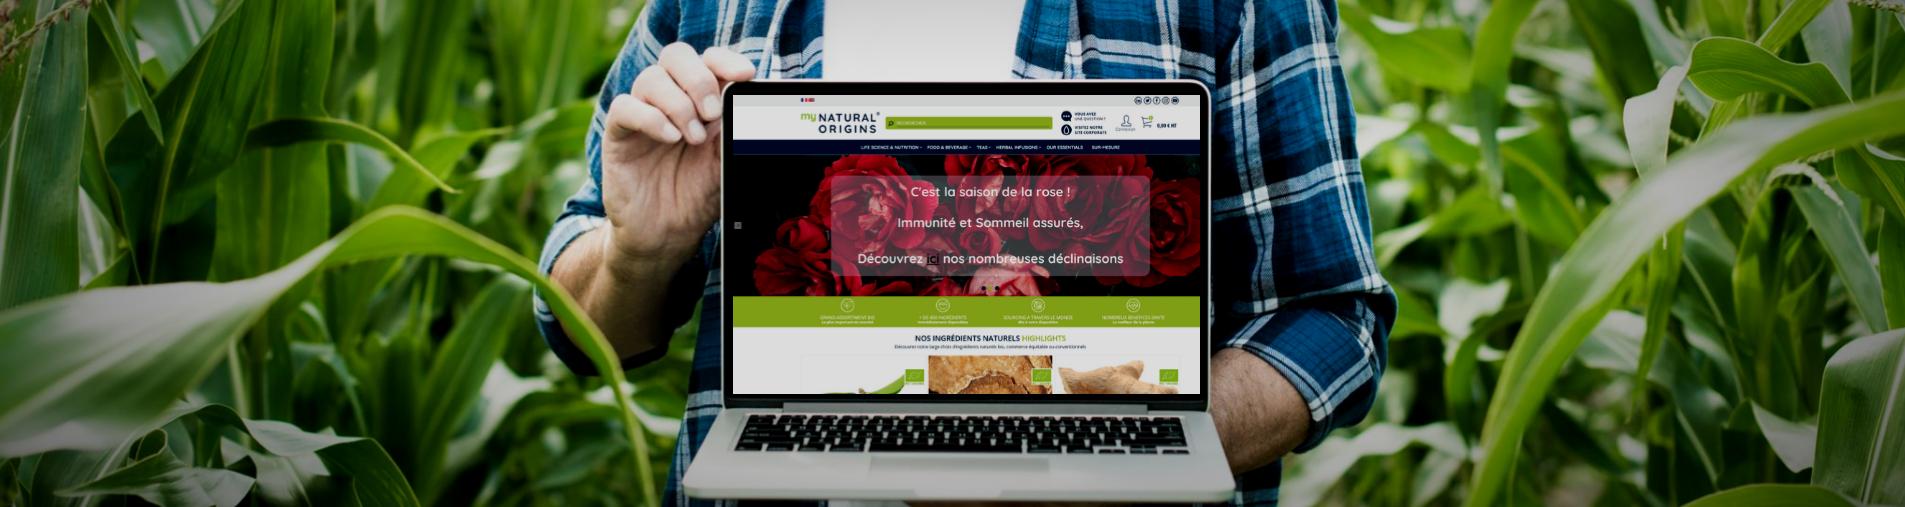 Découvrez les nouvelles fonctions de recherches sur la e-platform mynaturalorigins.shop